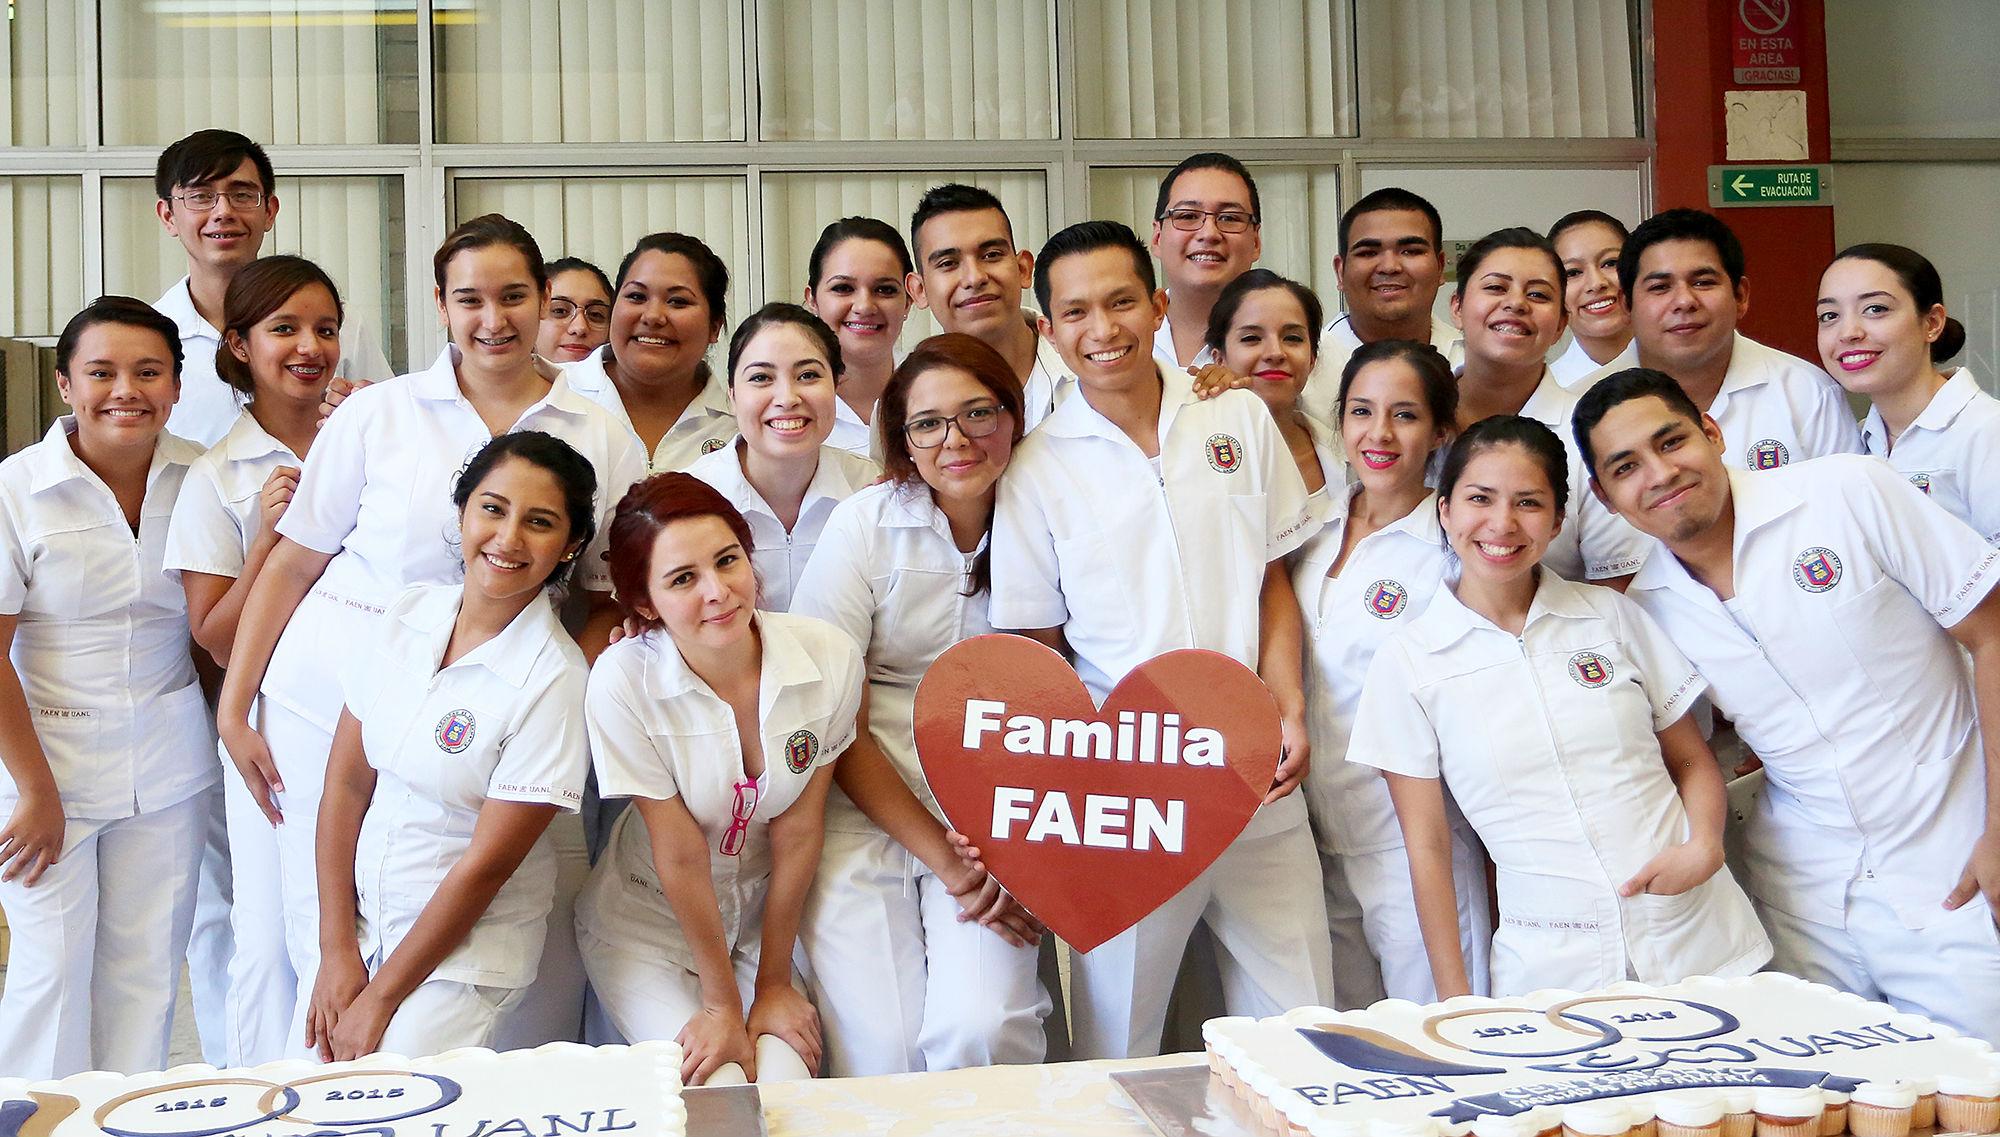 Estudiantes de la Facultad de Enfermería son una familia